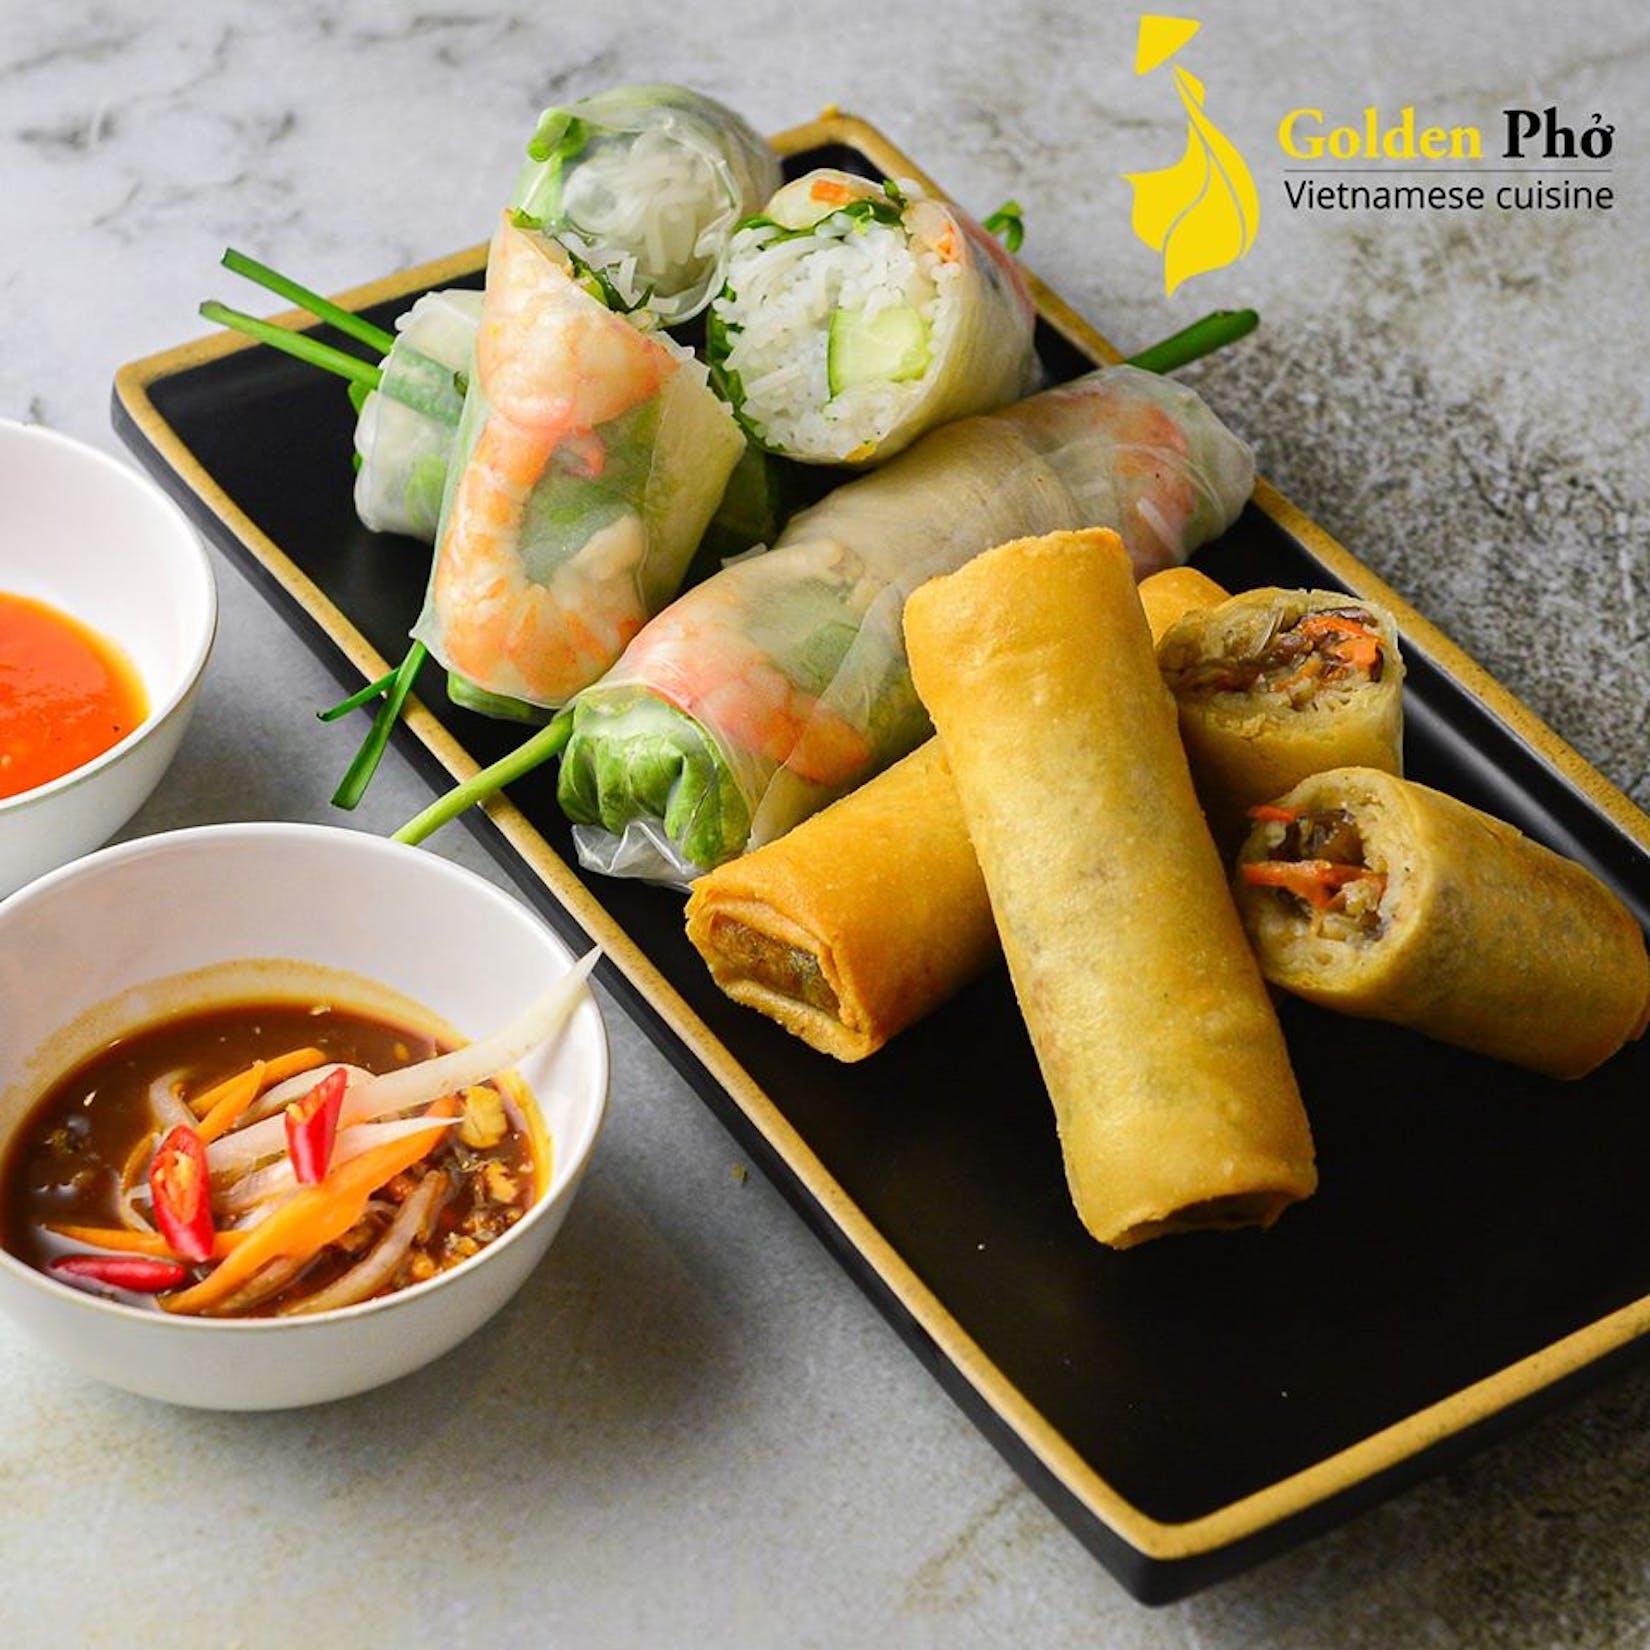 Golden Pho Vietnamese Cuisine | yathar